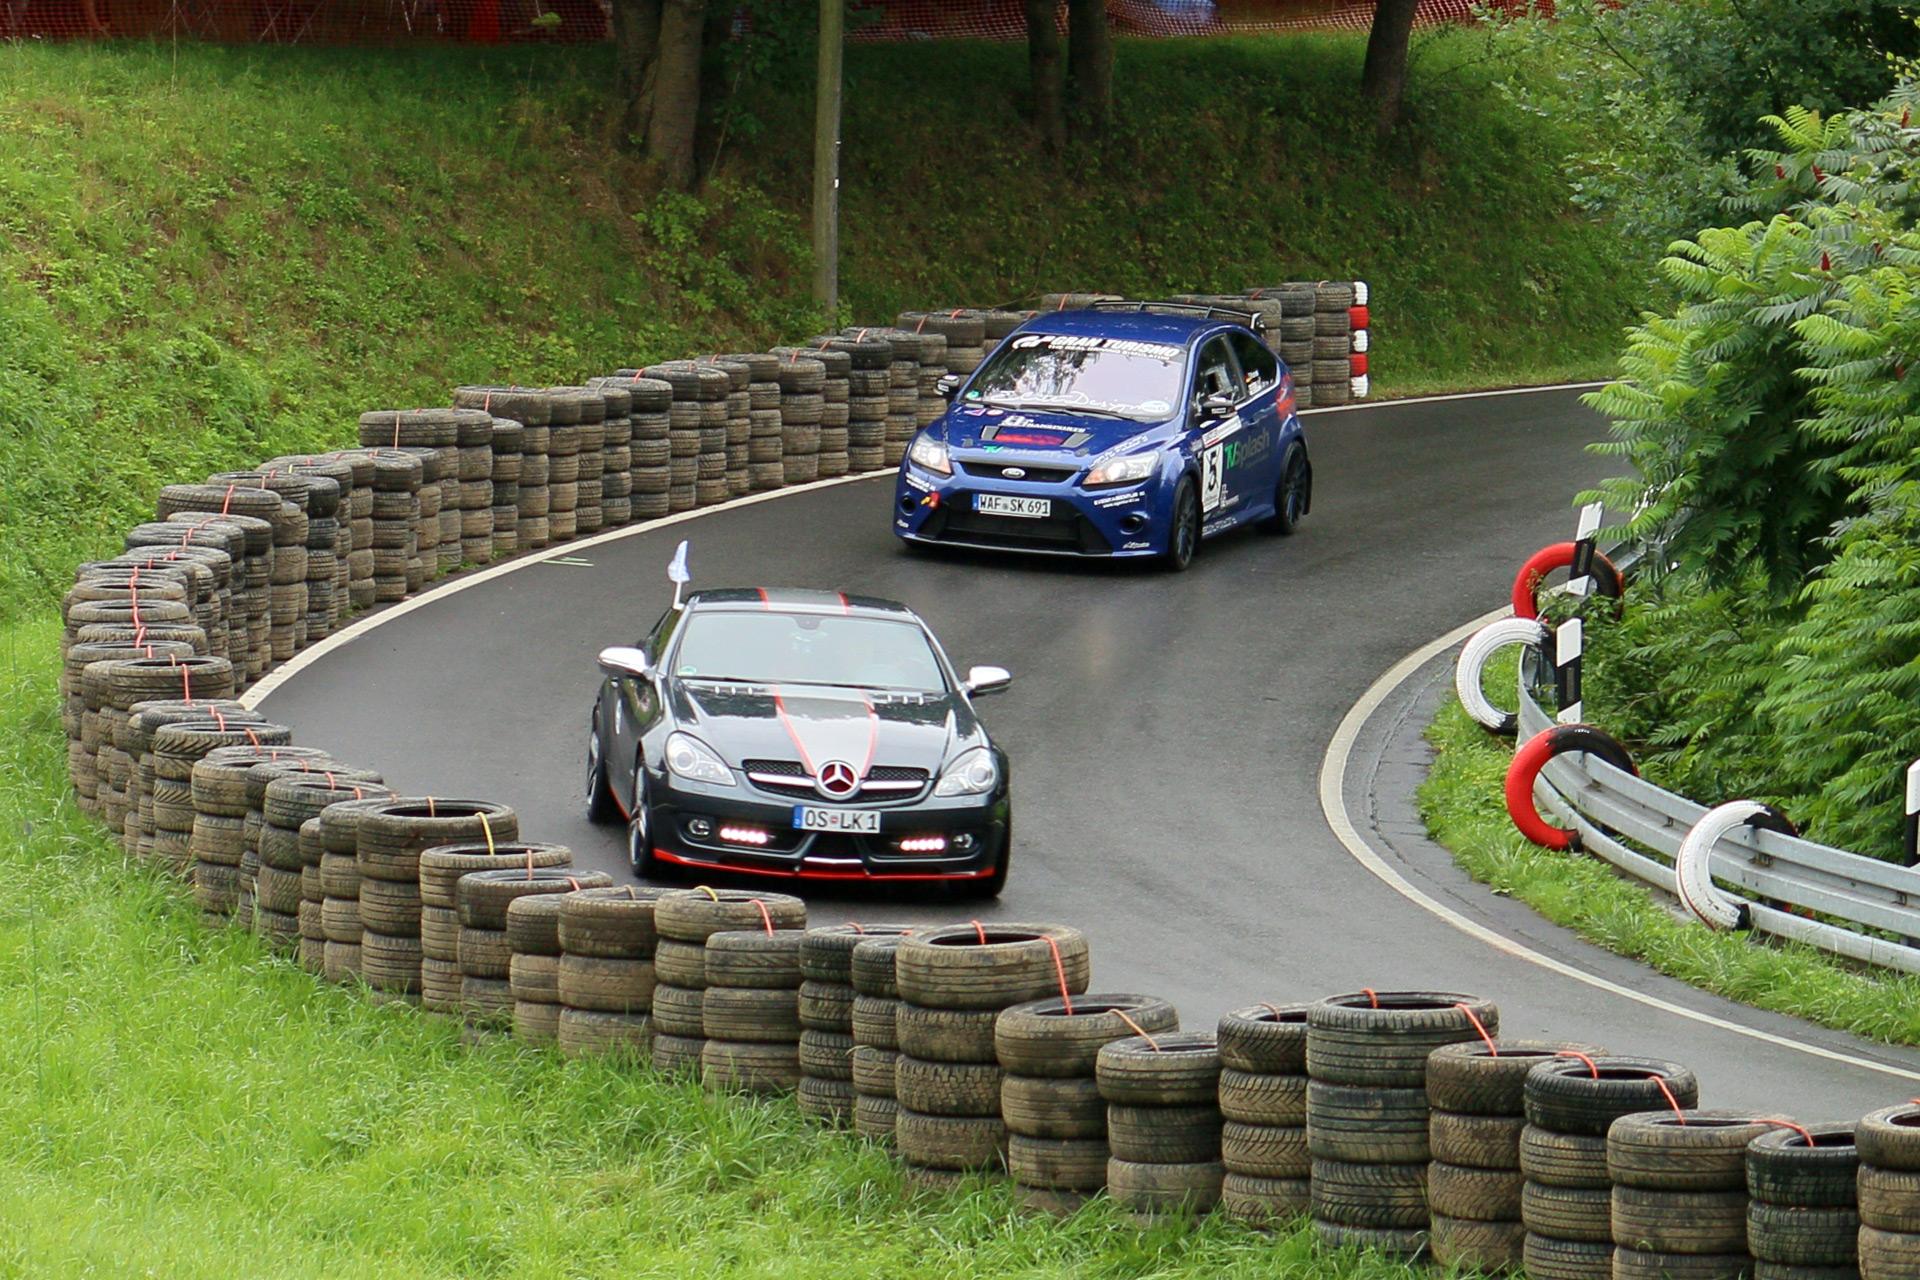 Ford Focus RS vs. Mercedes SLK (R 171)